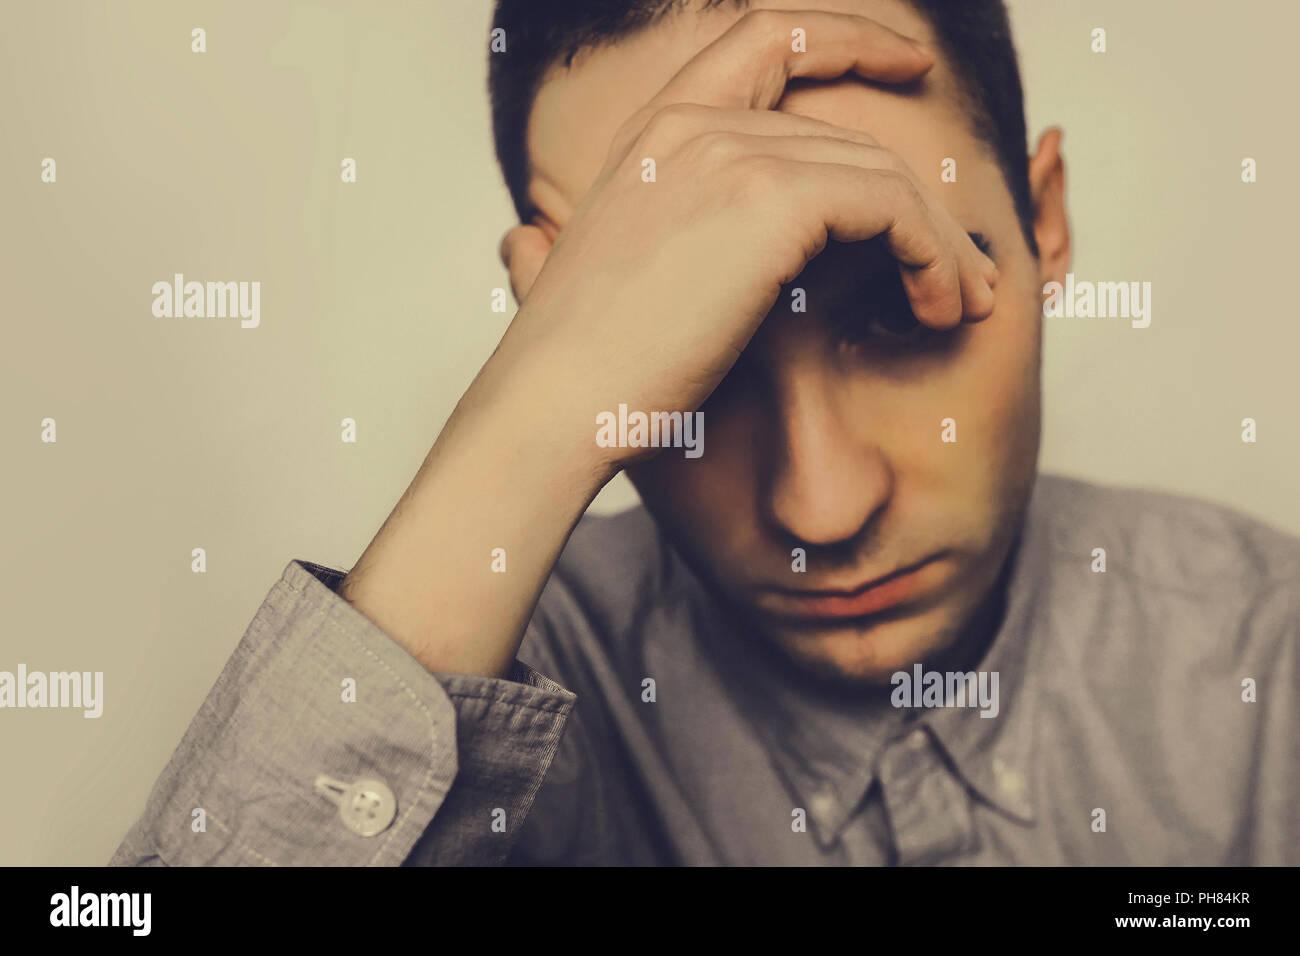 La couvaison homme assis et tenant une main sur sa tête. Dans une mauvaise humeur. dépression. maux de tête, la douleur. Jeune homme tire son front, couvrant h Photo Stock